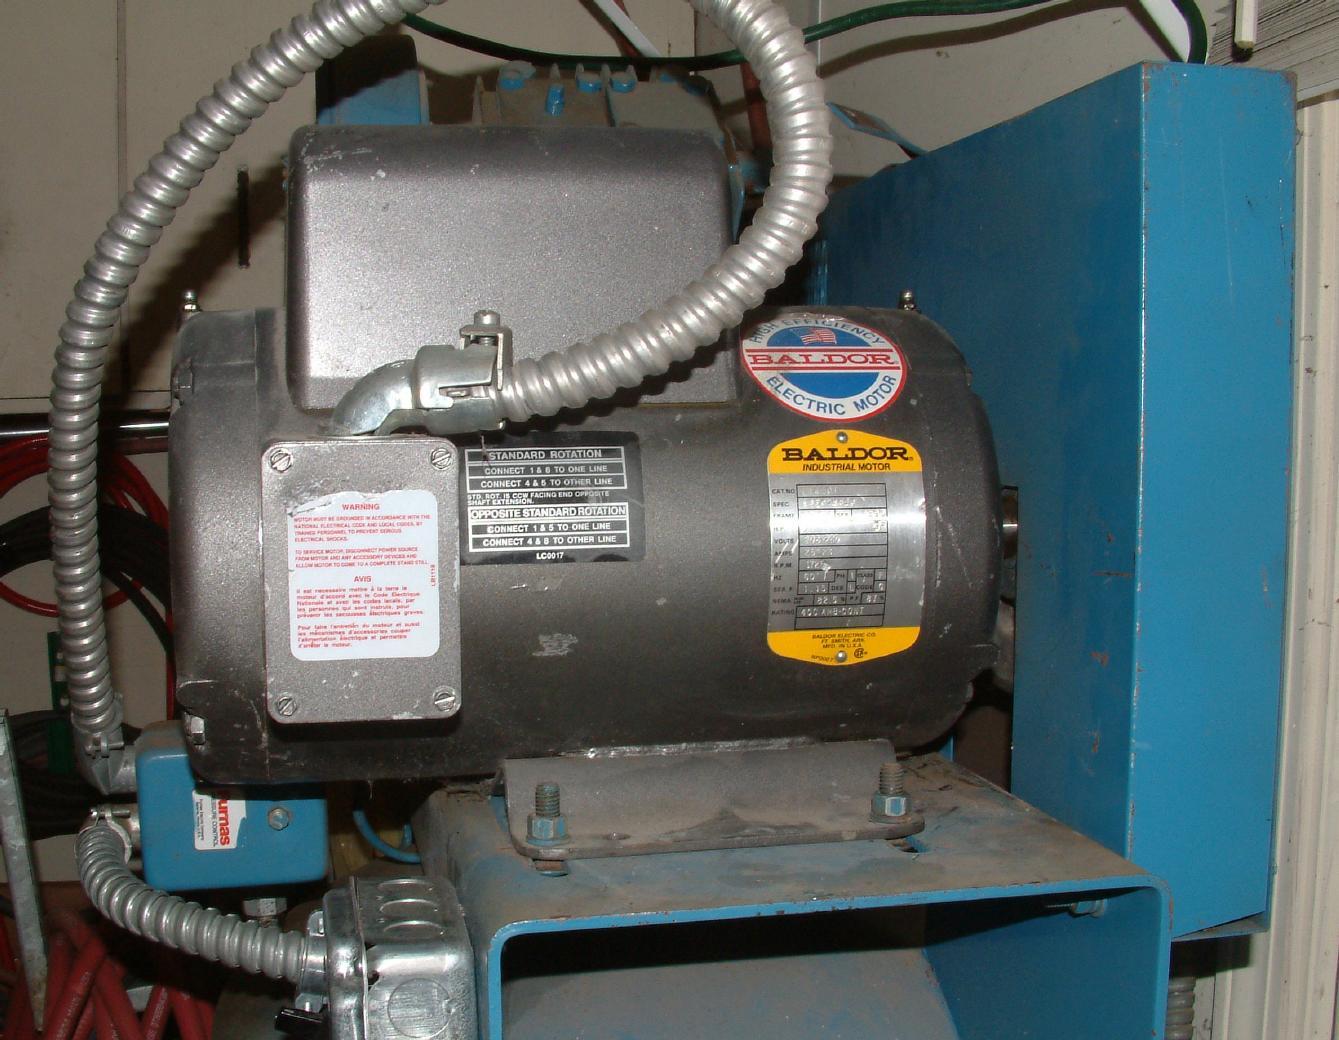 04 repowering with 5hp baldor motor of for Baldor 5 hp compressor motor